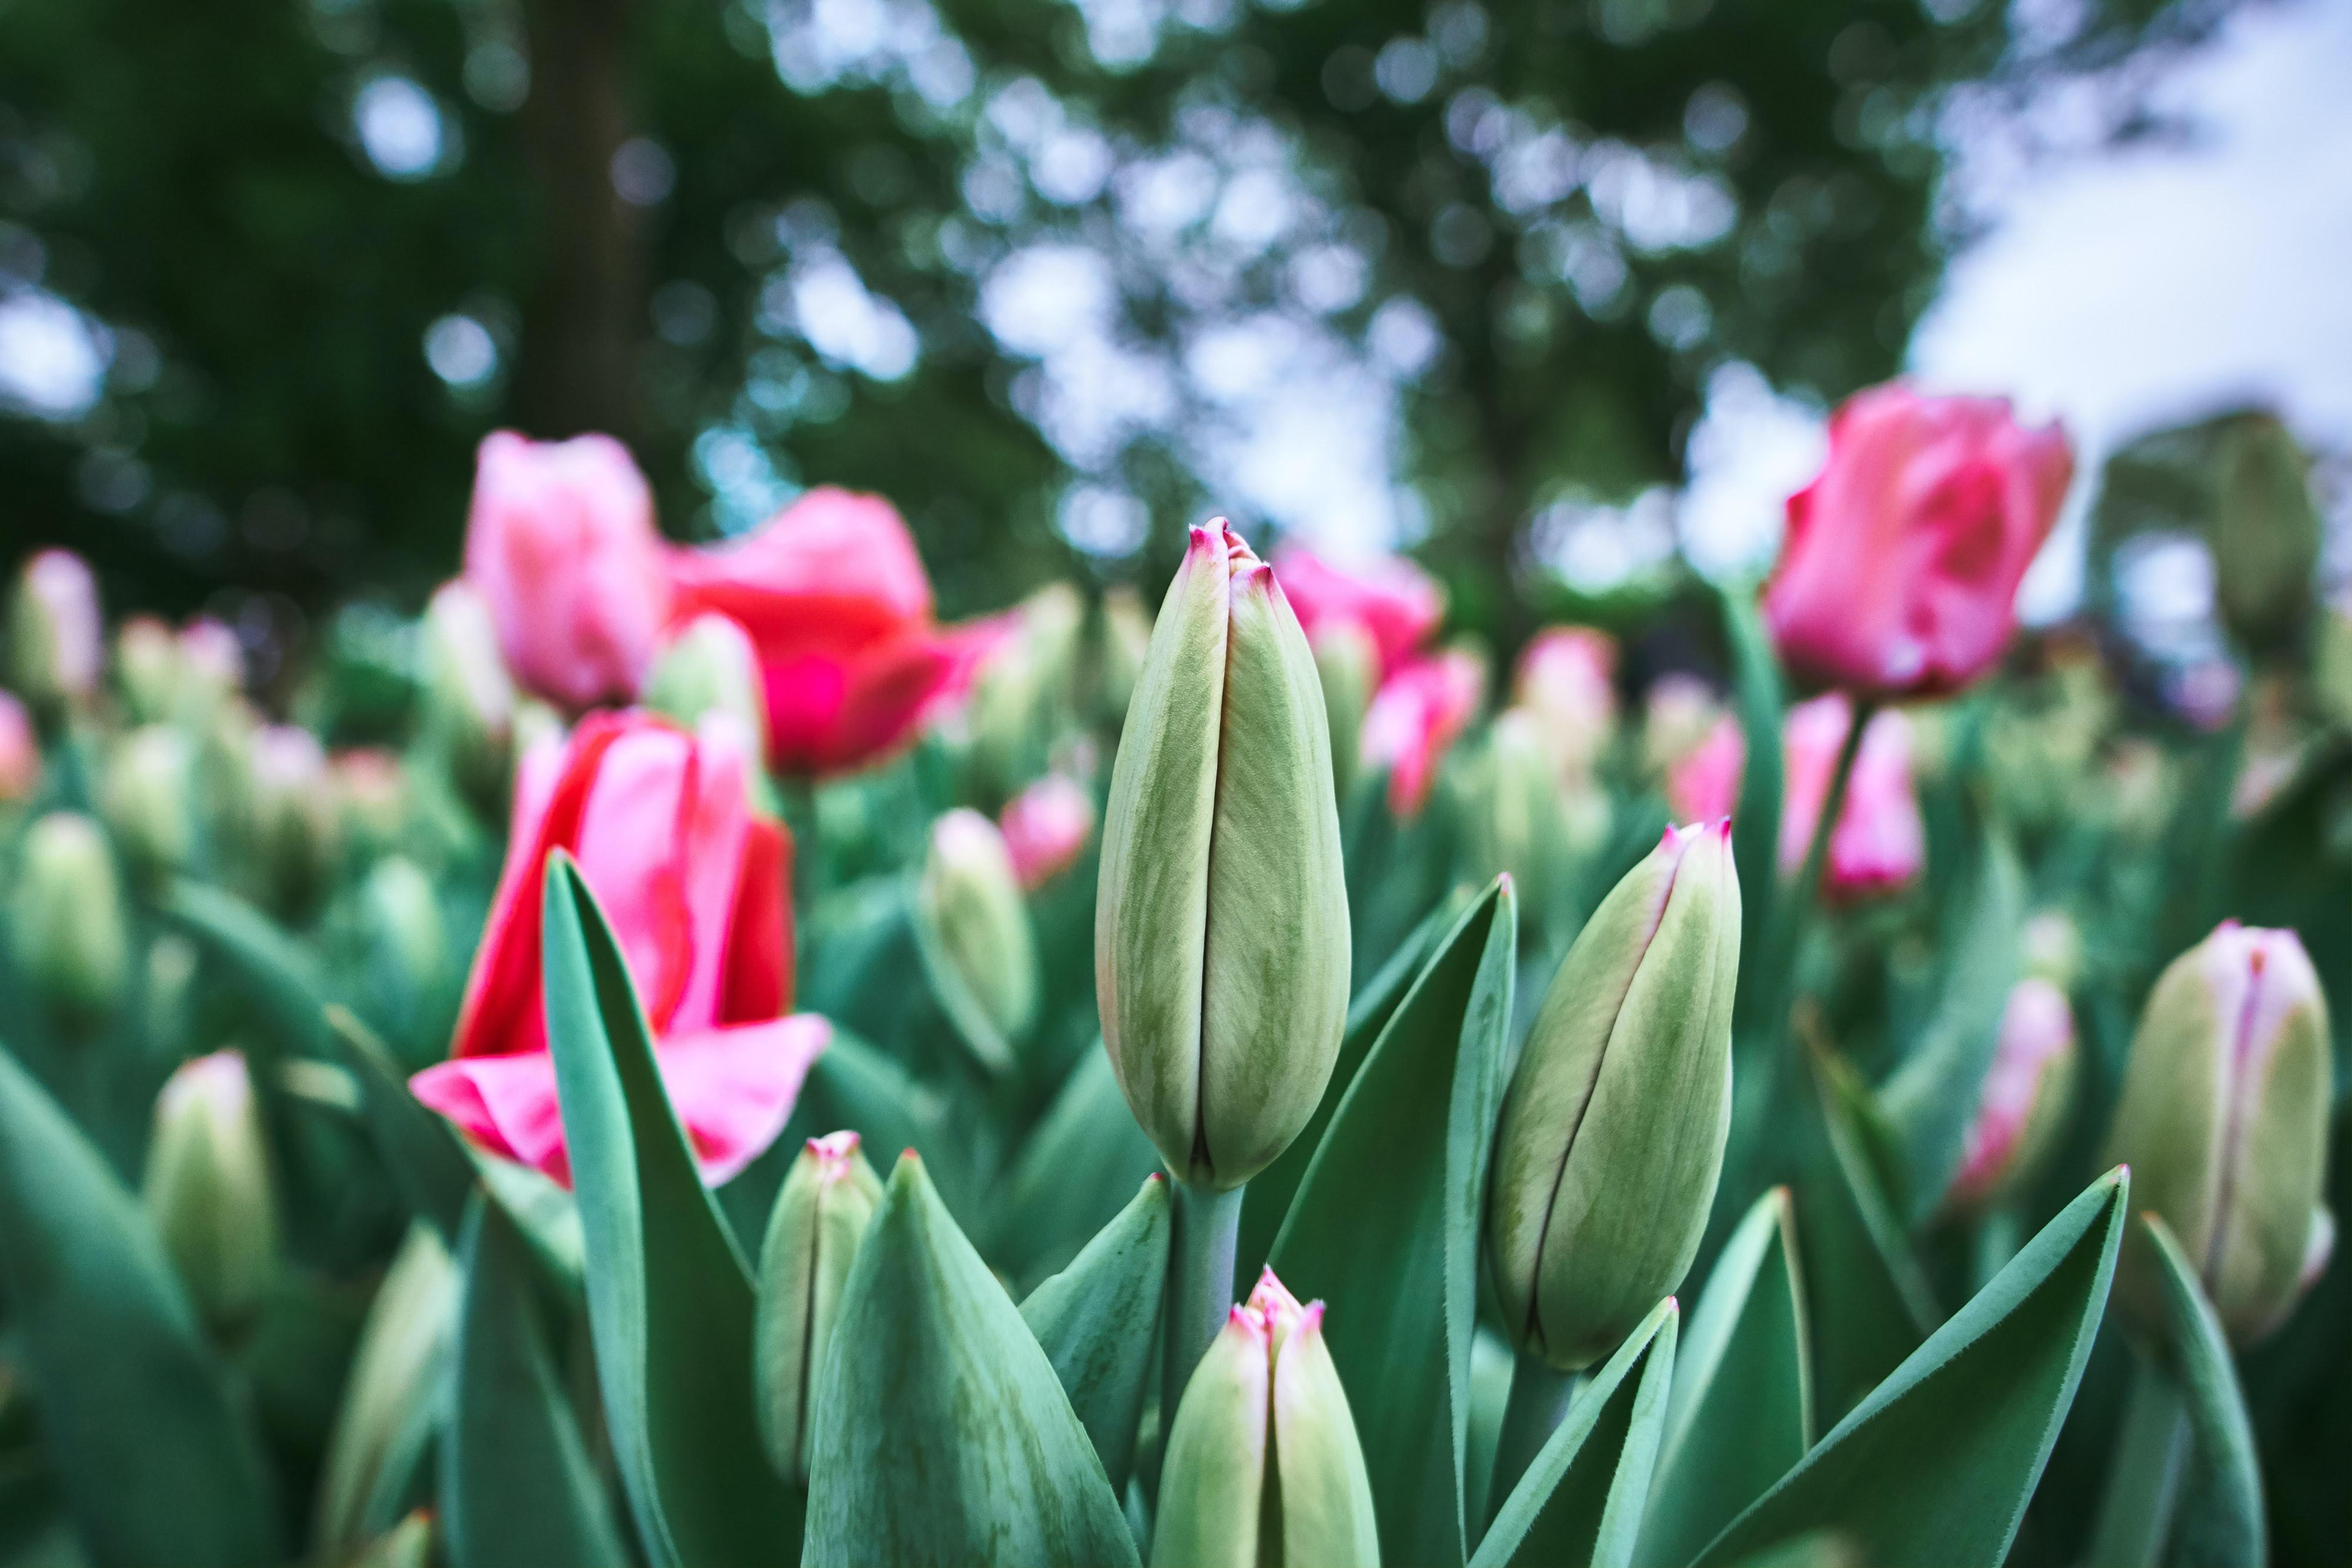 Ide të lira dhe të thjeshta për dizajnimin e kopshtit tuaj